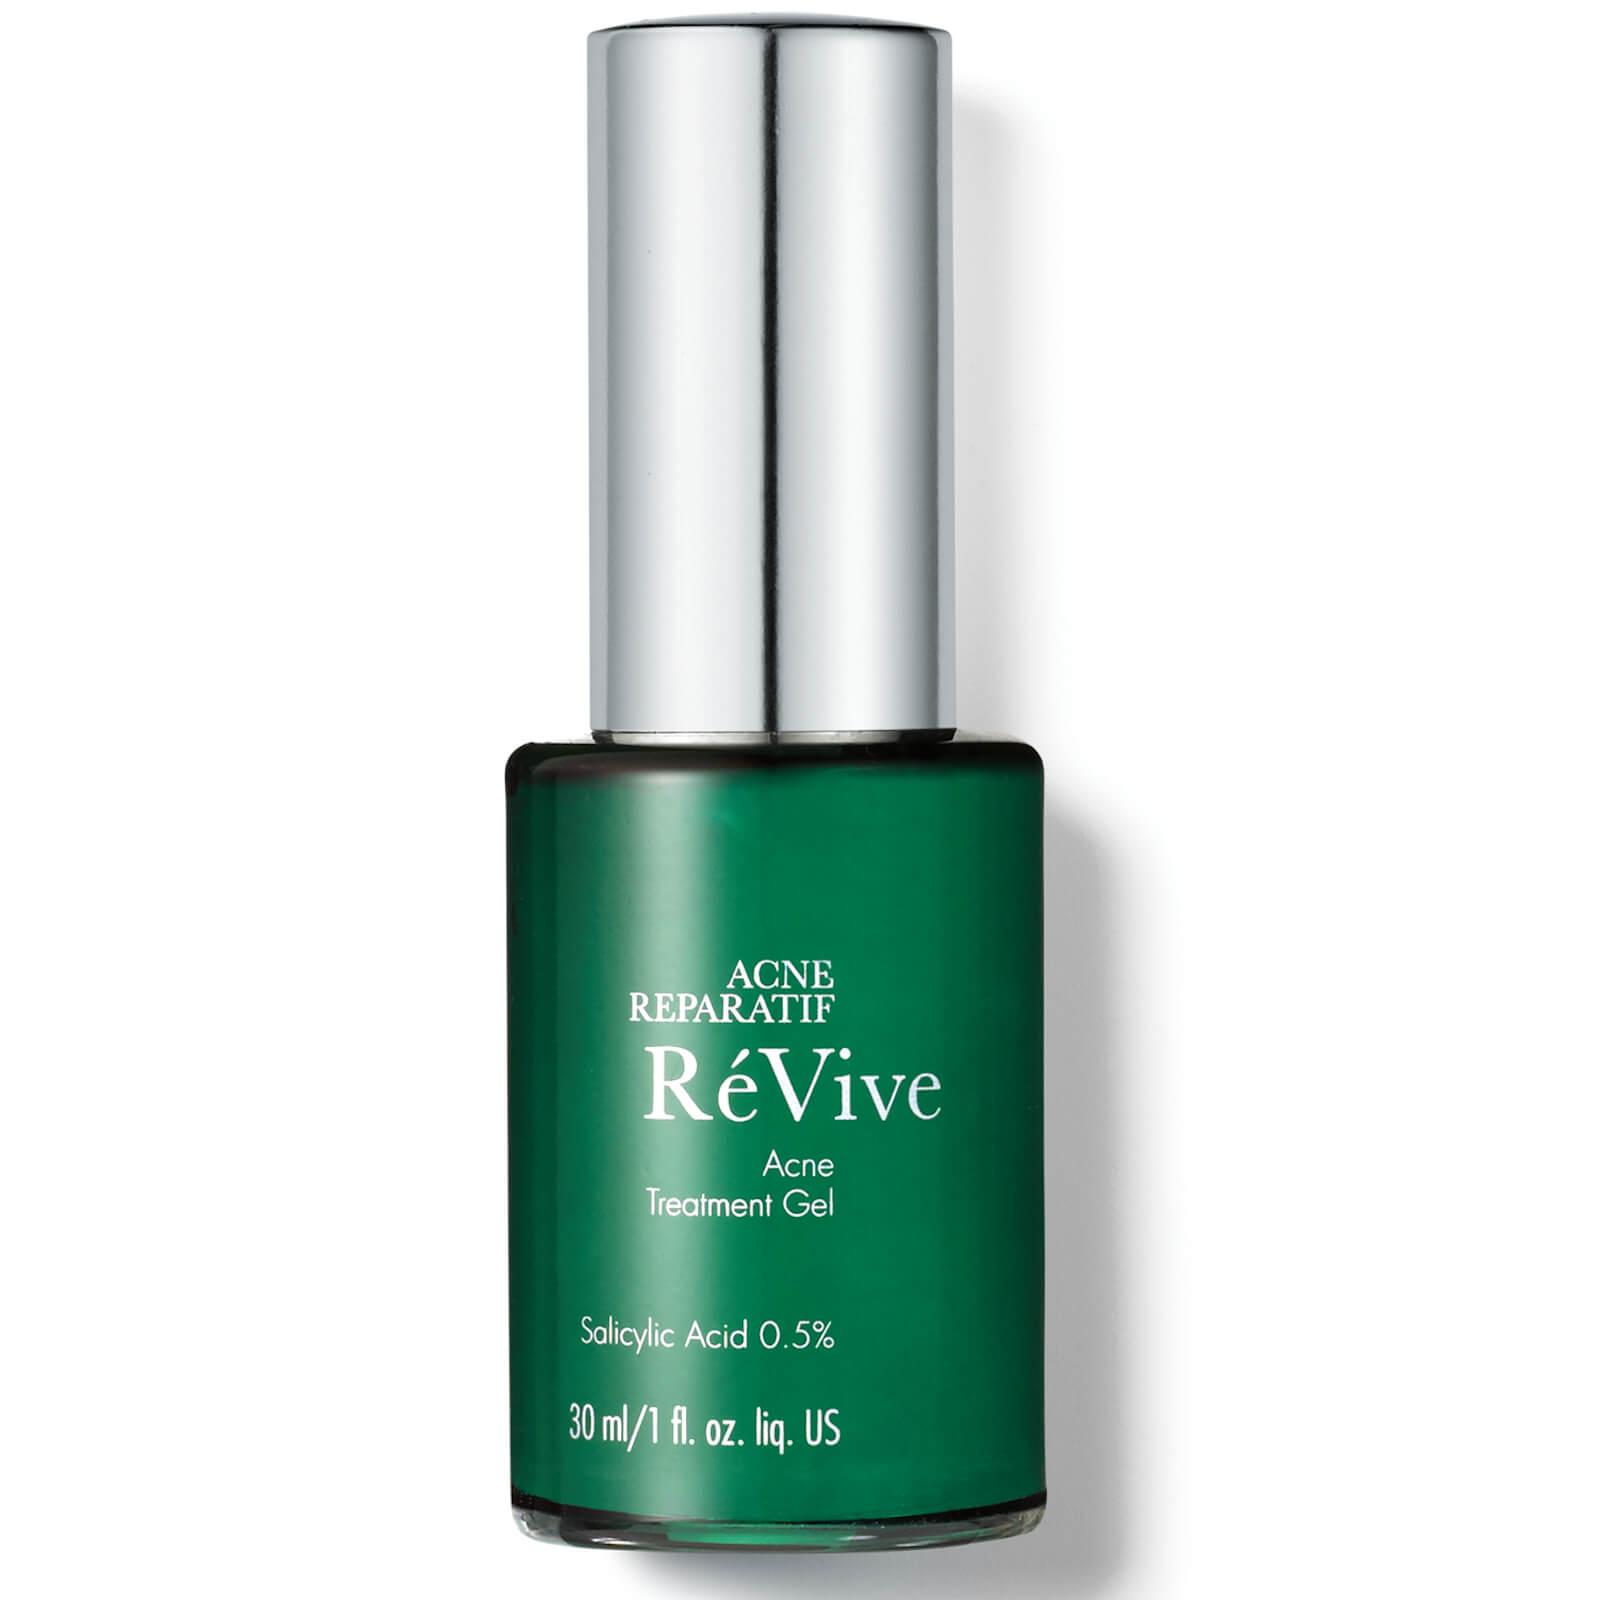 Image of RéVive Acne Reparatif Acne Treatment Gel 30ml